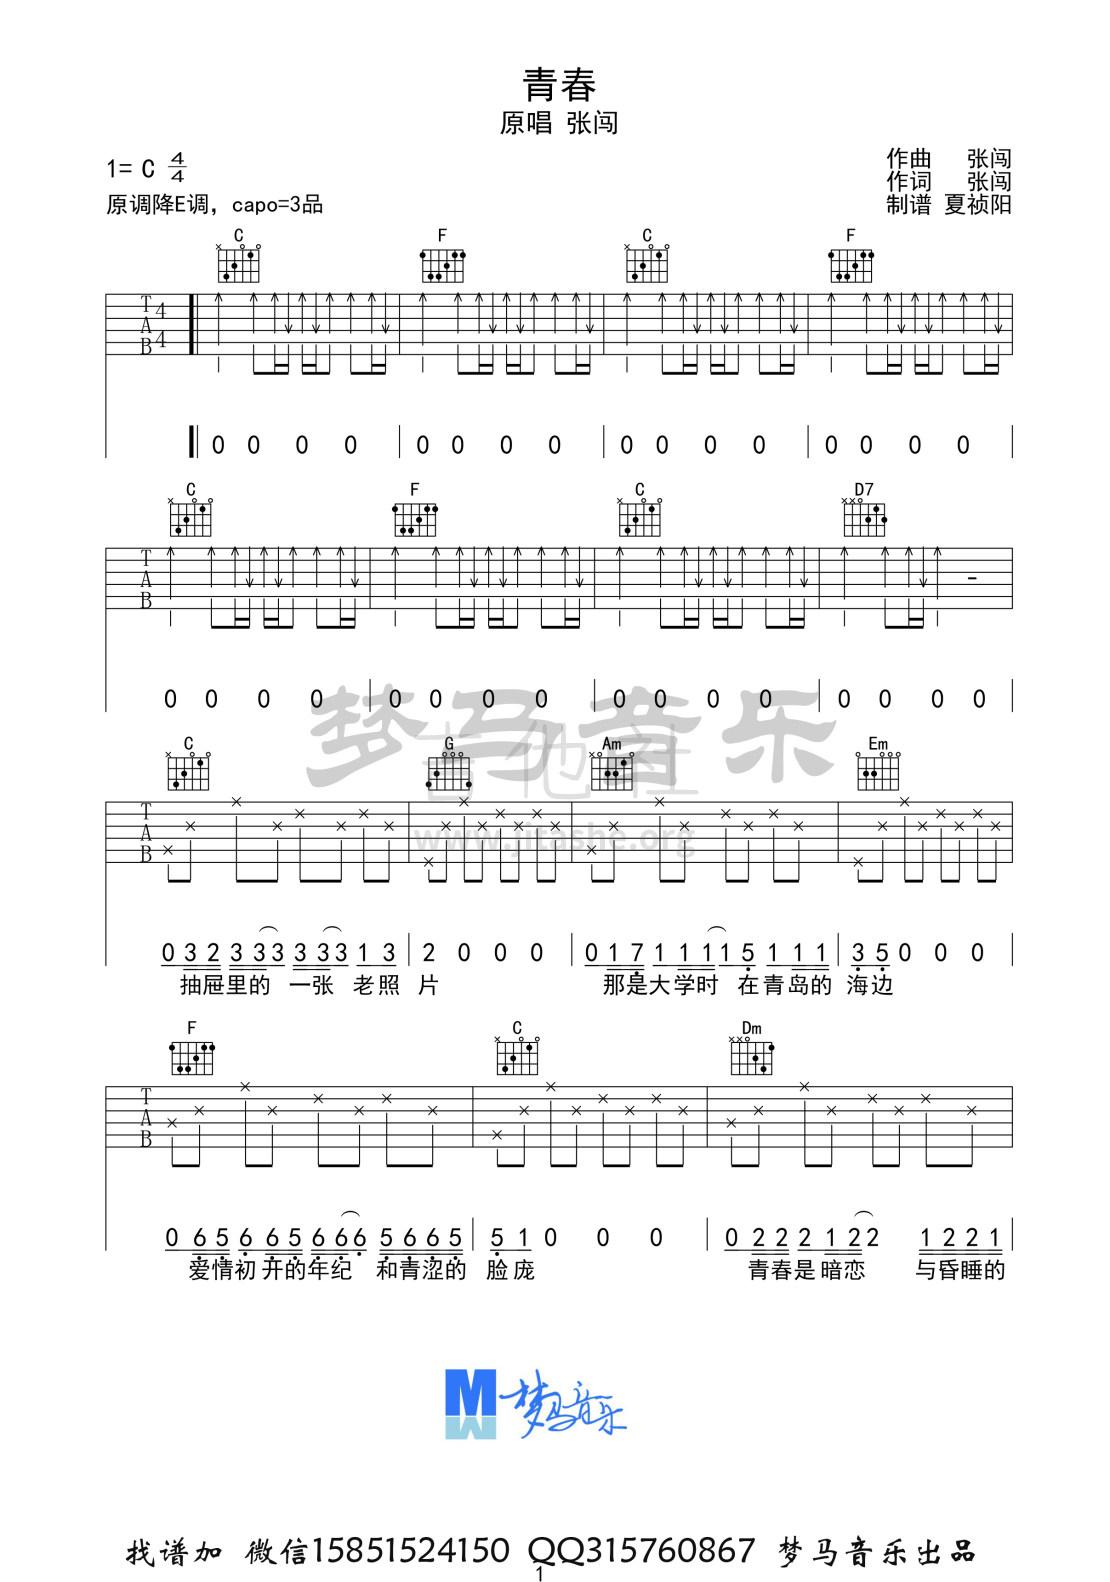 青春吉他谱(图片谱)_张闯_青春-1.jpg